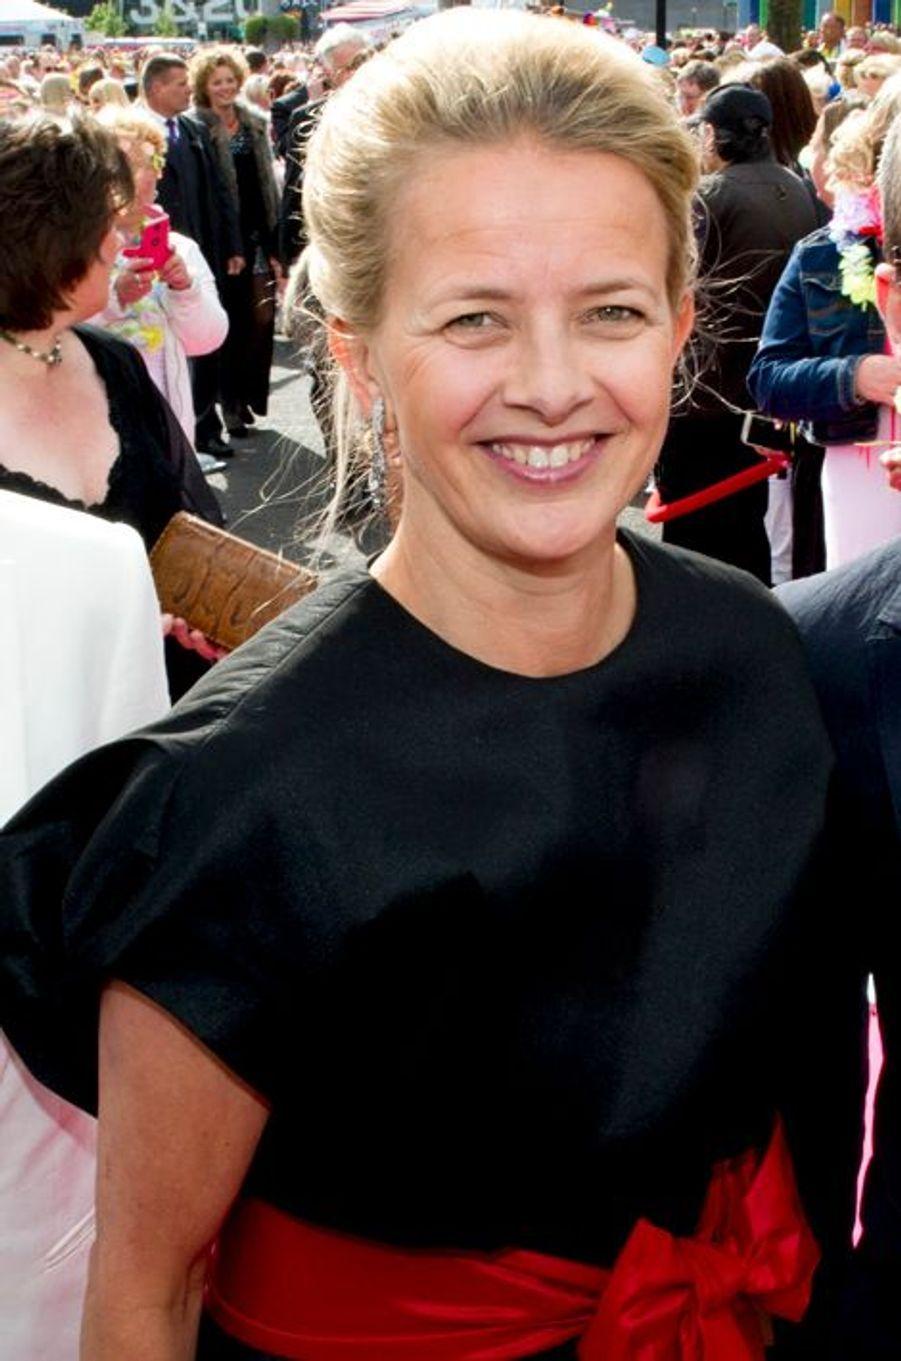 La princesse Mabel des Pays-Bas à Amsterdam, le 30 mai 2015